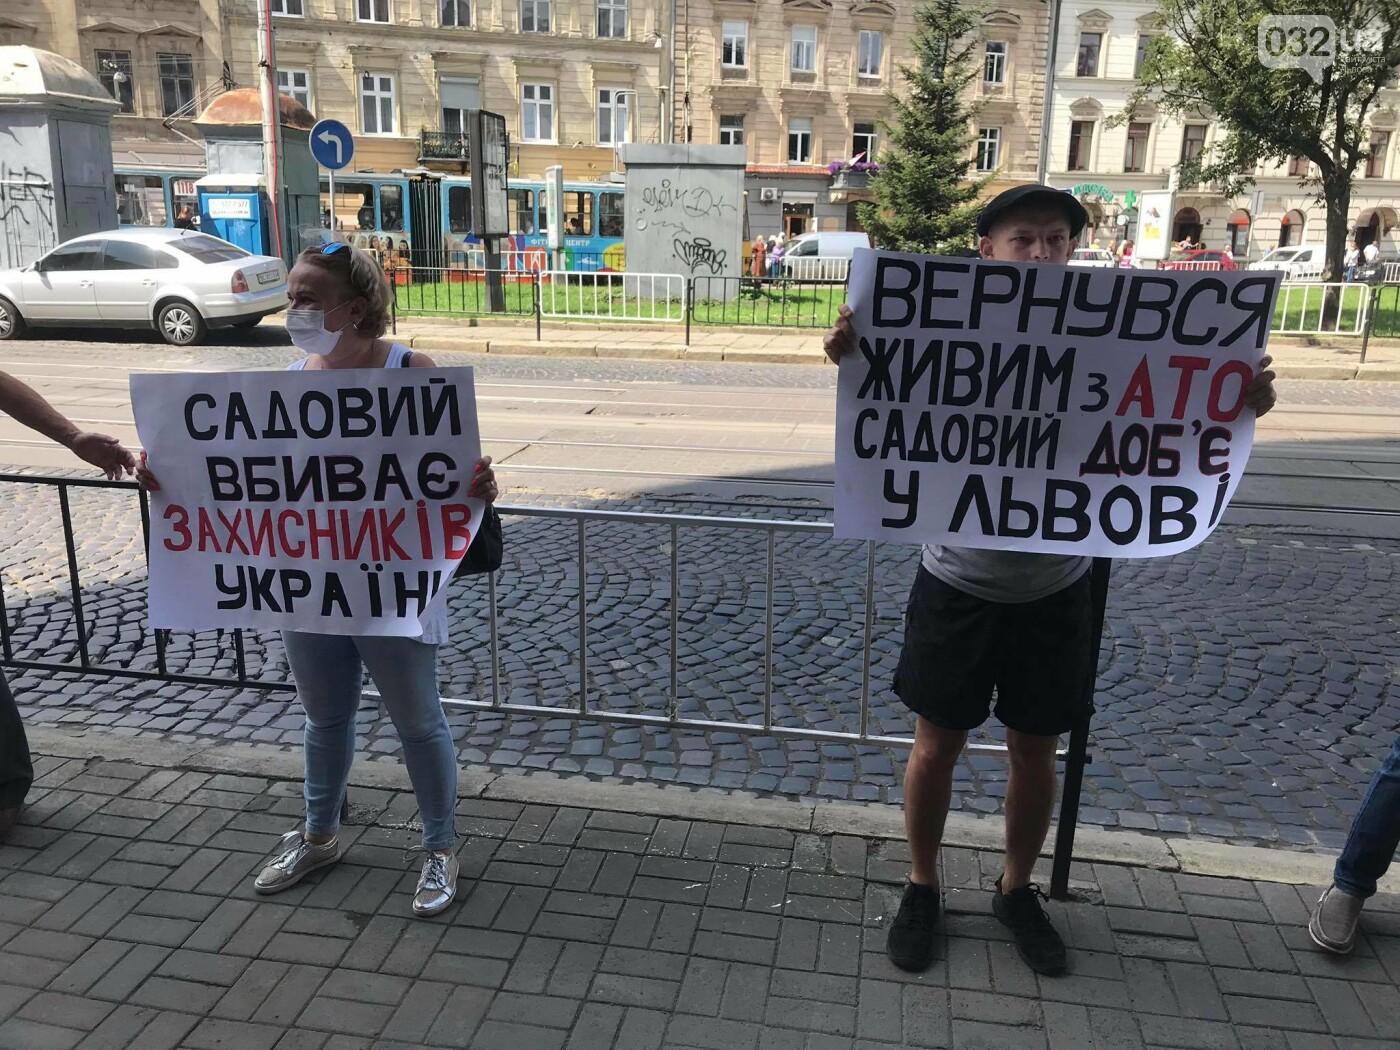 Фото з акції: 032.ua